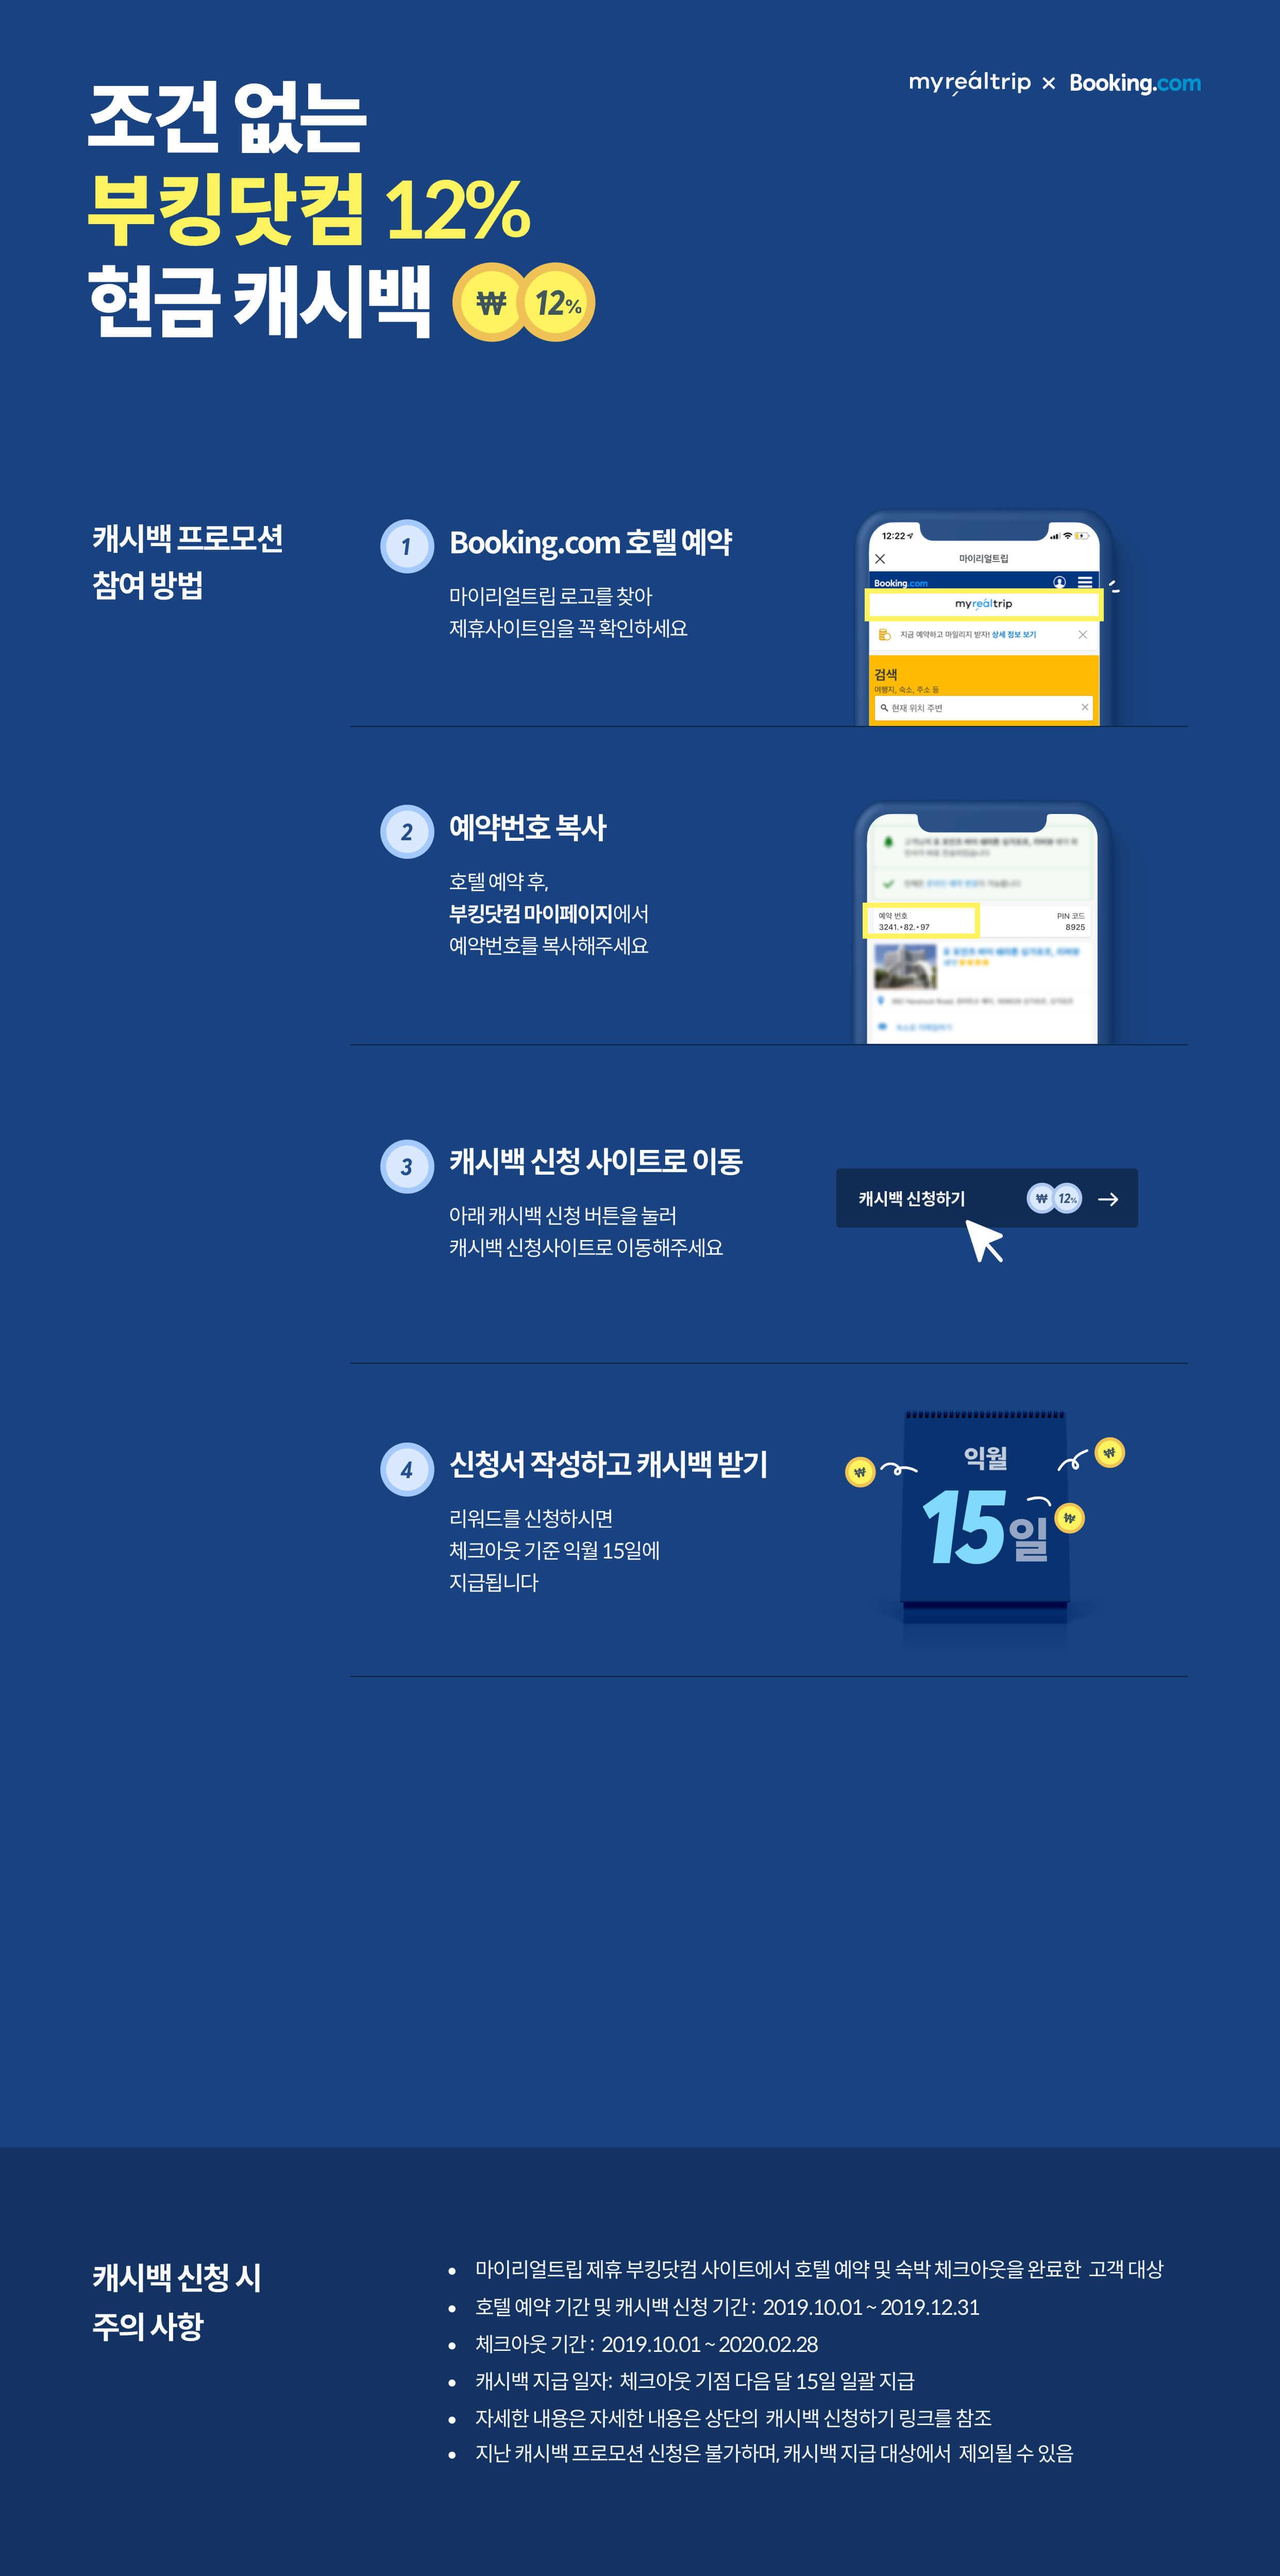 조건 없는 부킹닷컴 12% 현금 캐시백